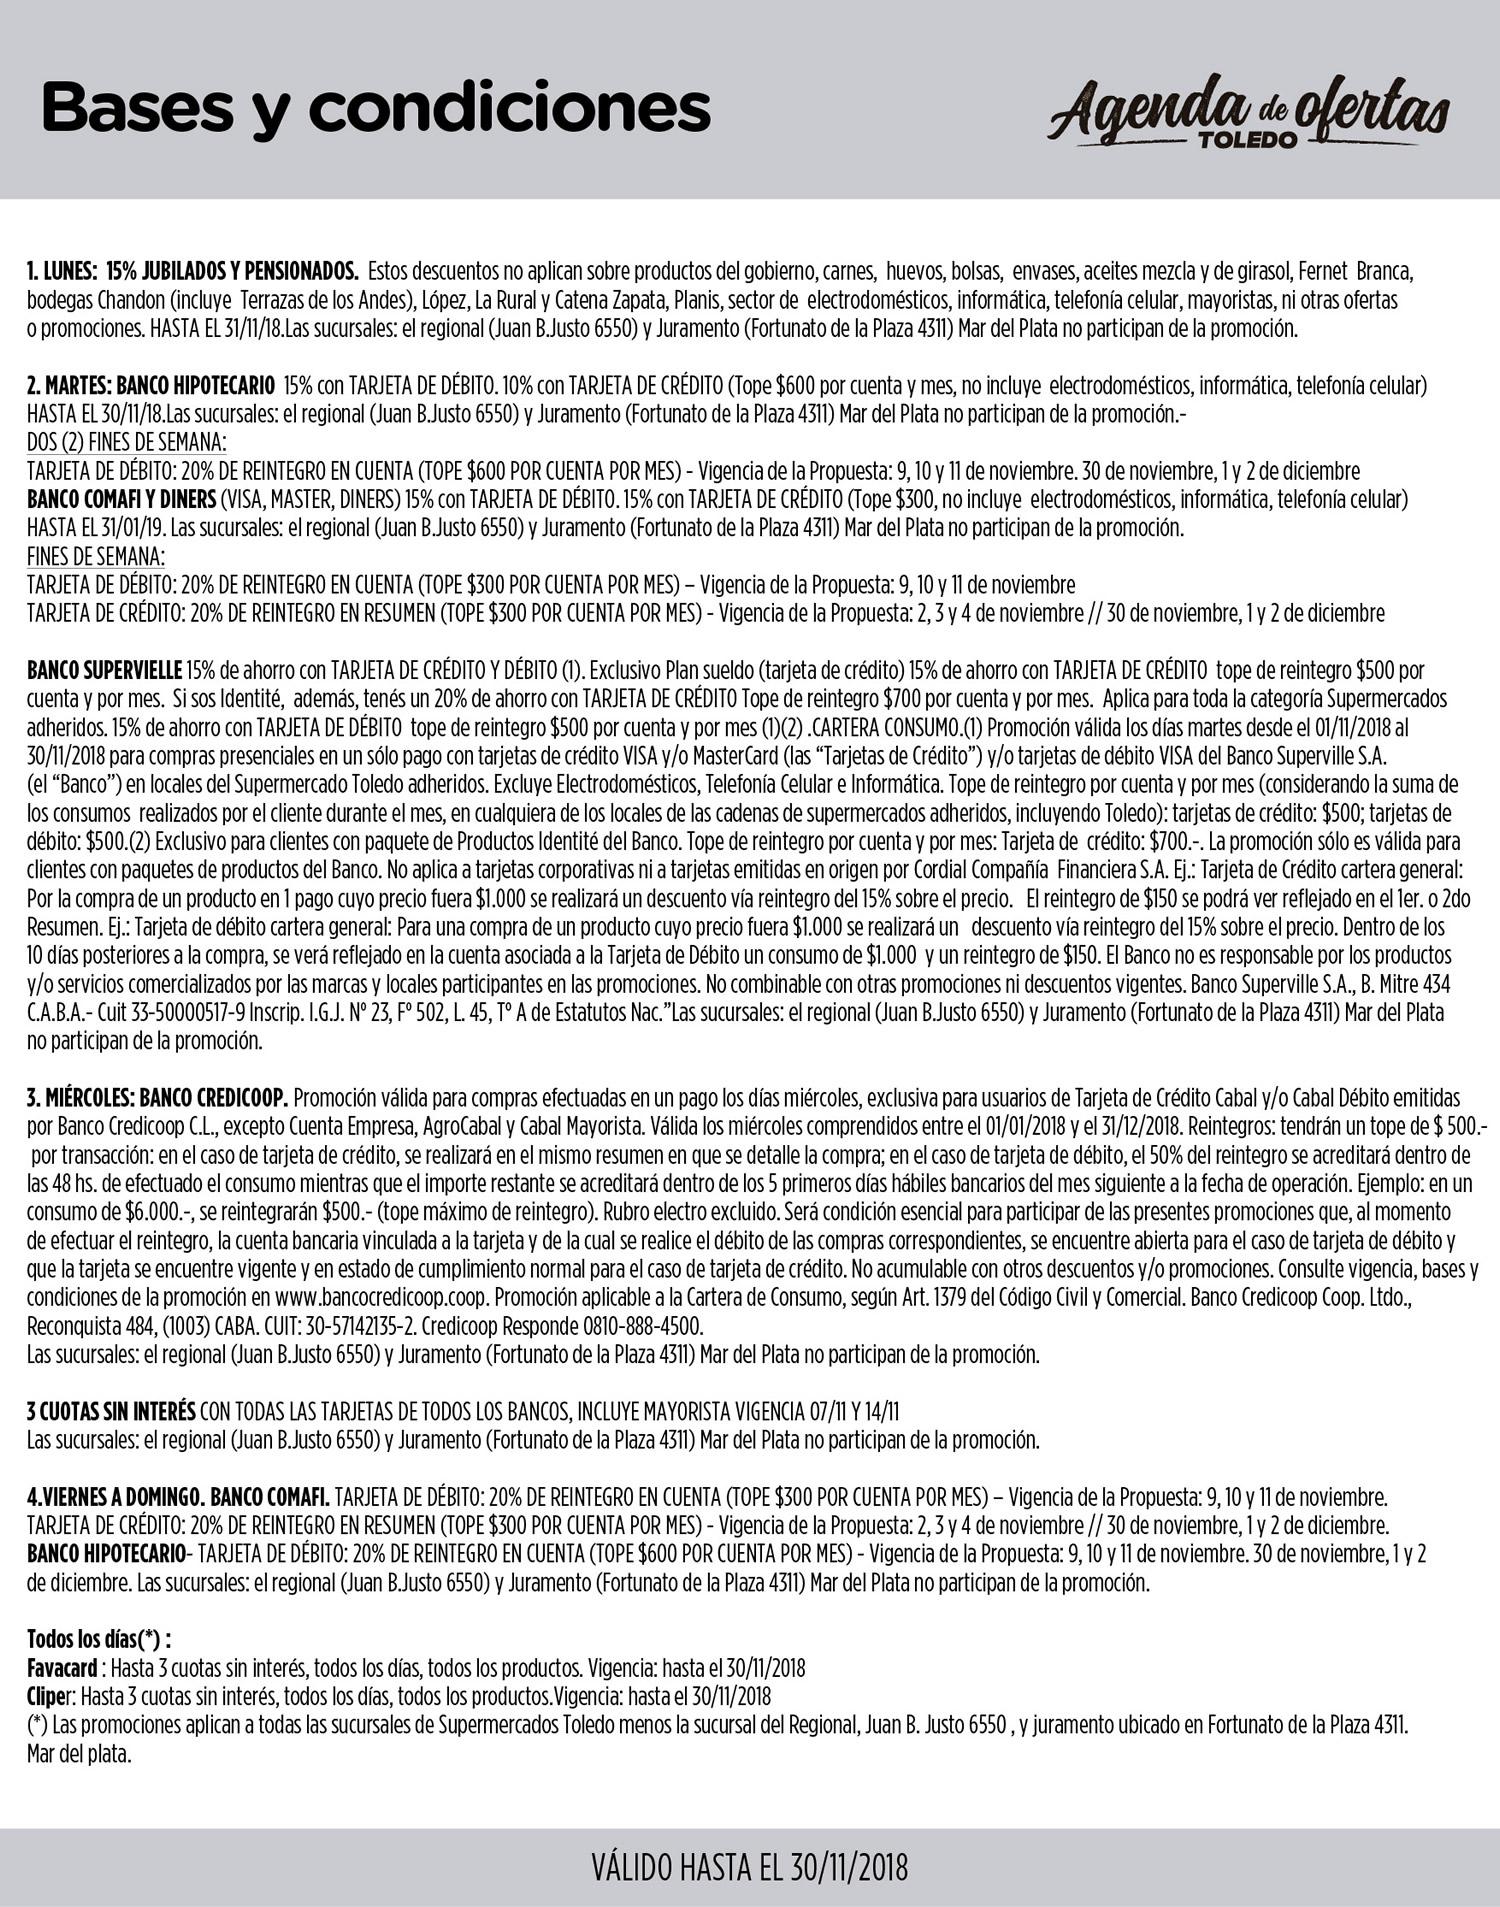 Legales-agenda-de-bancos-NOV_ULTIMO_ULTIMO